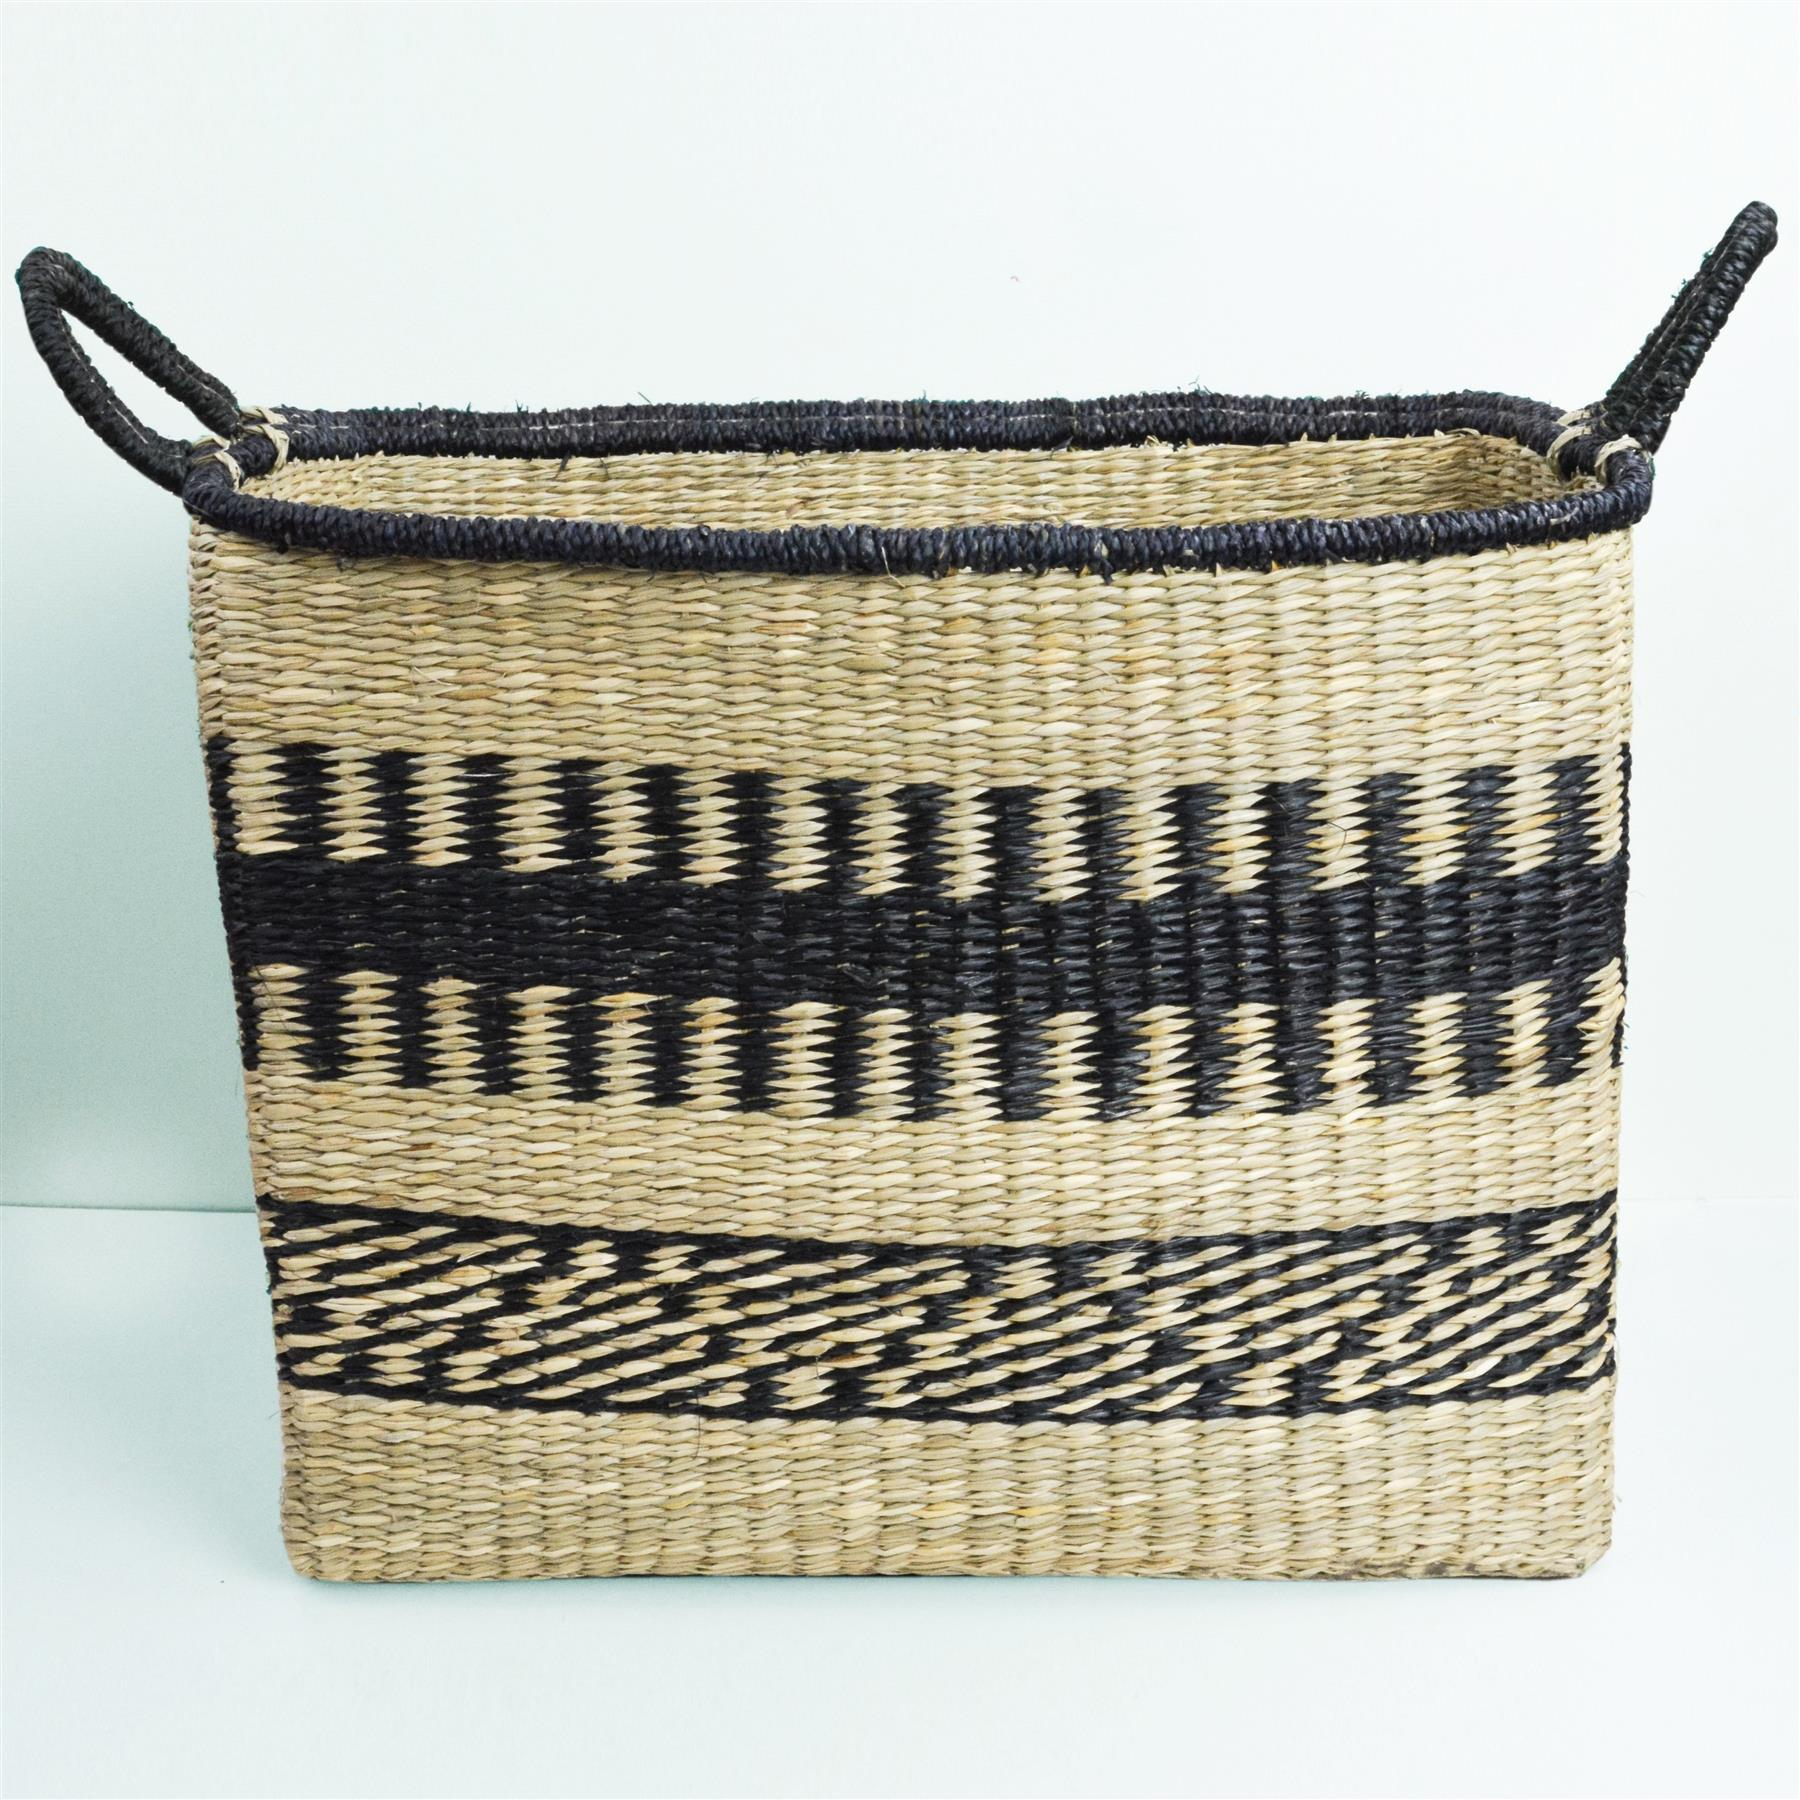 Abayomi Rectangular Stripe Basket by Dassie Artisan Large